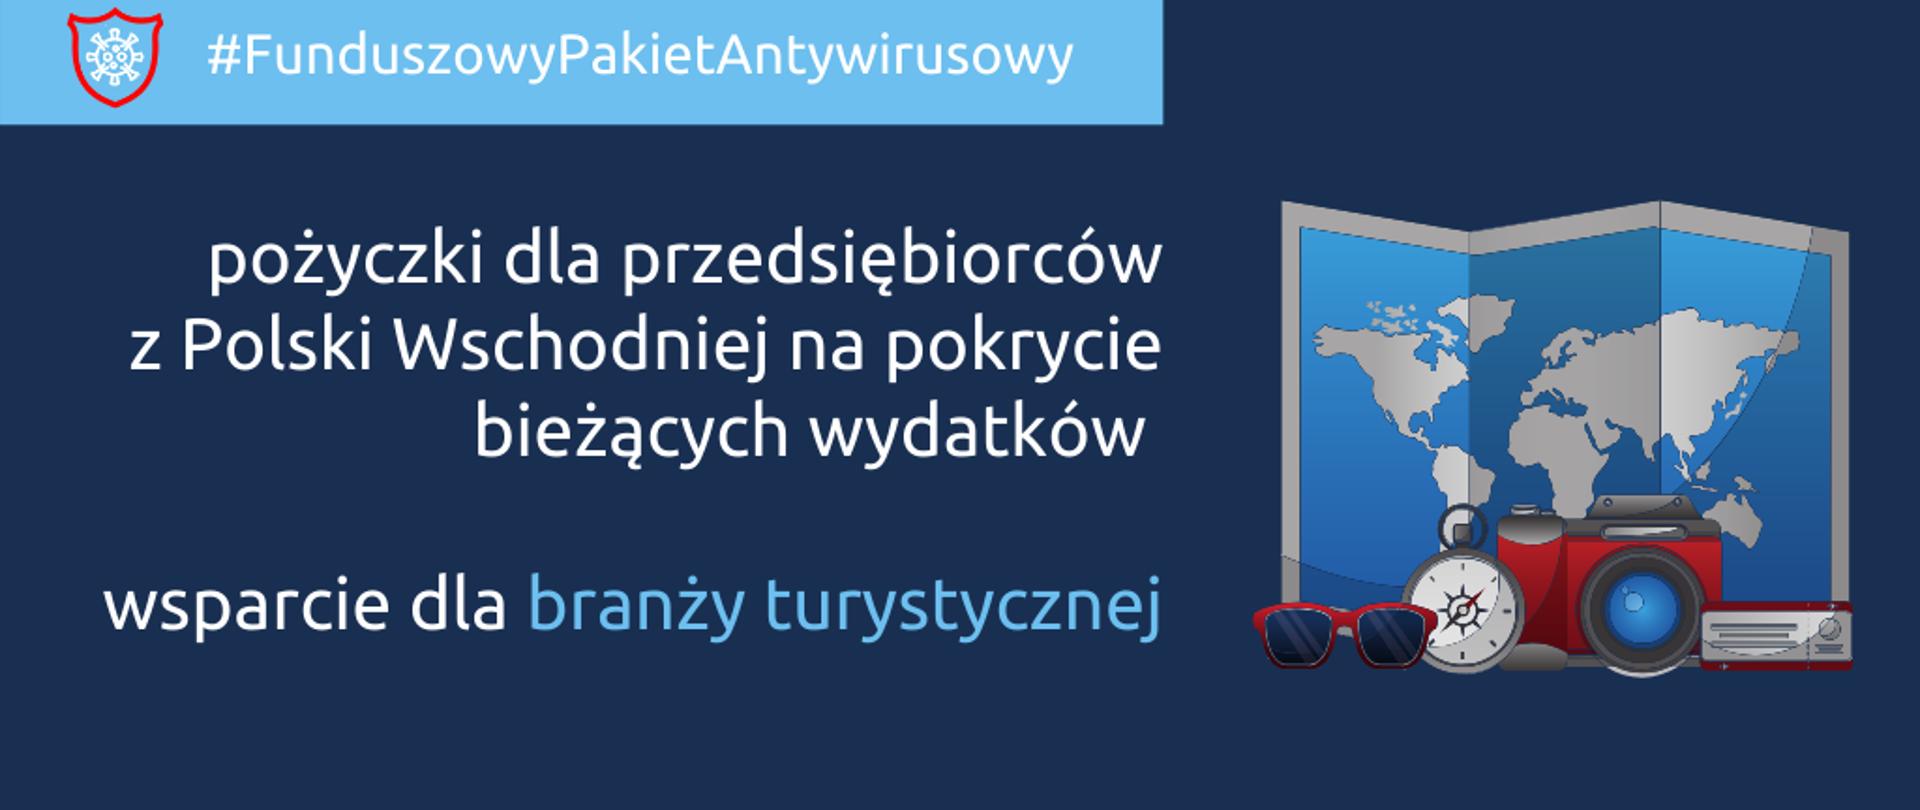 Grafika podzielona na dwie części: po prawej napis: Funduszowy Pakiet Antykryzysowy: pożyczki dla przedsiębiorców z Polski Wschodniej na pokrycie bieżących wydatków, wsparcie dla branży turystycznej. Po lewej grafika przedstawiająca mapę, przed nią okulary przeciwsłonecze, kompas, aparat fotograficzny i radio